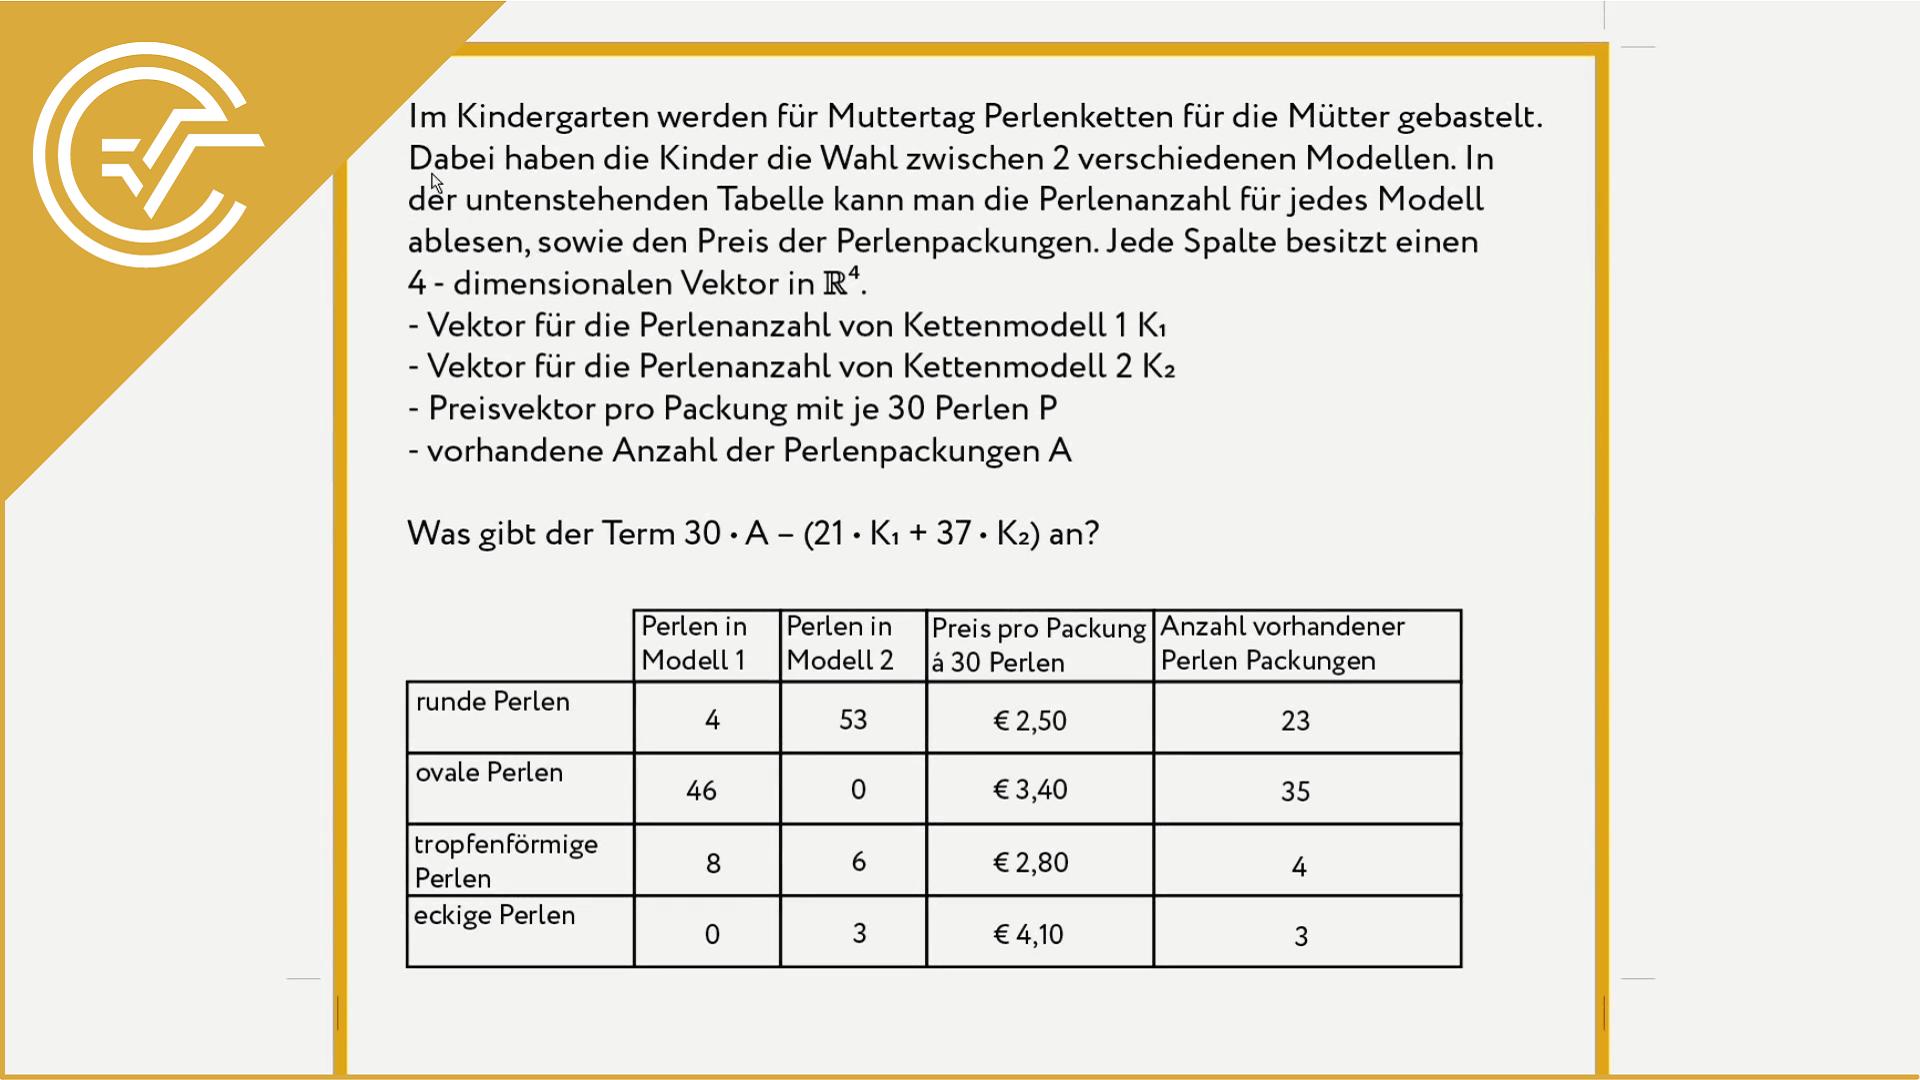 AG 3.1 - Vektoren verwenden 2